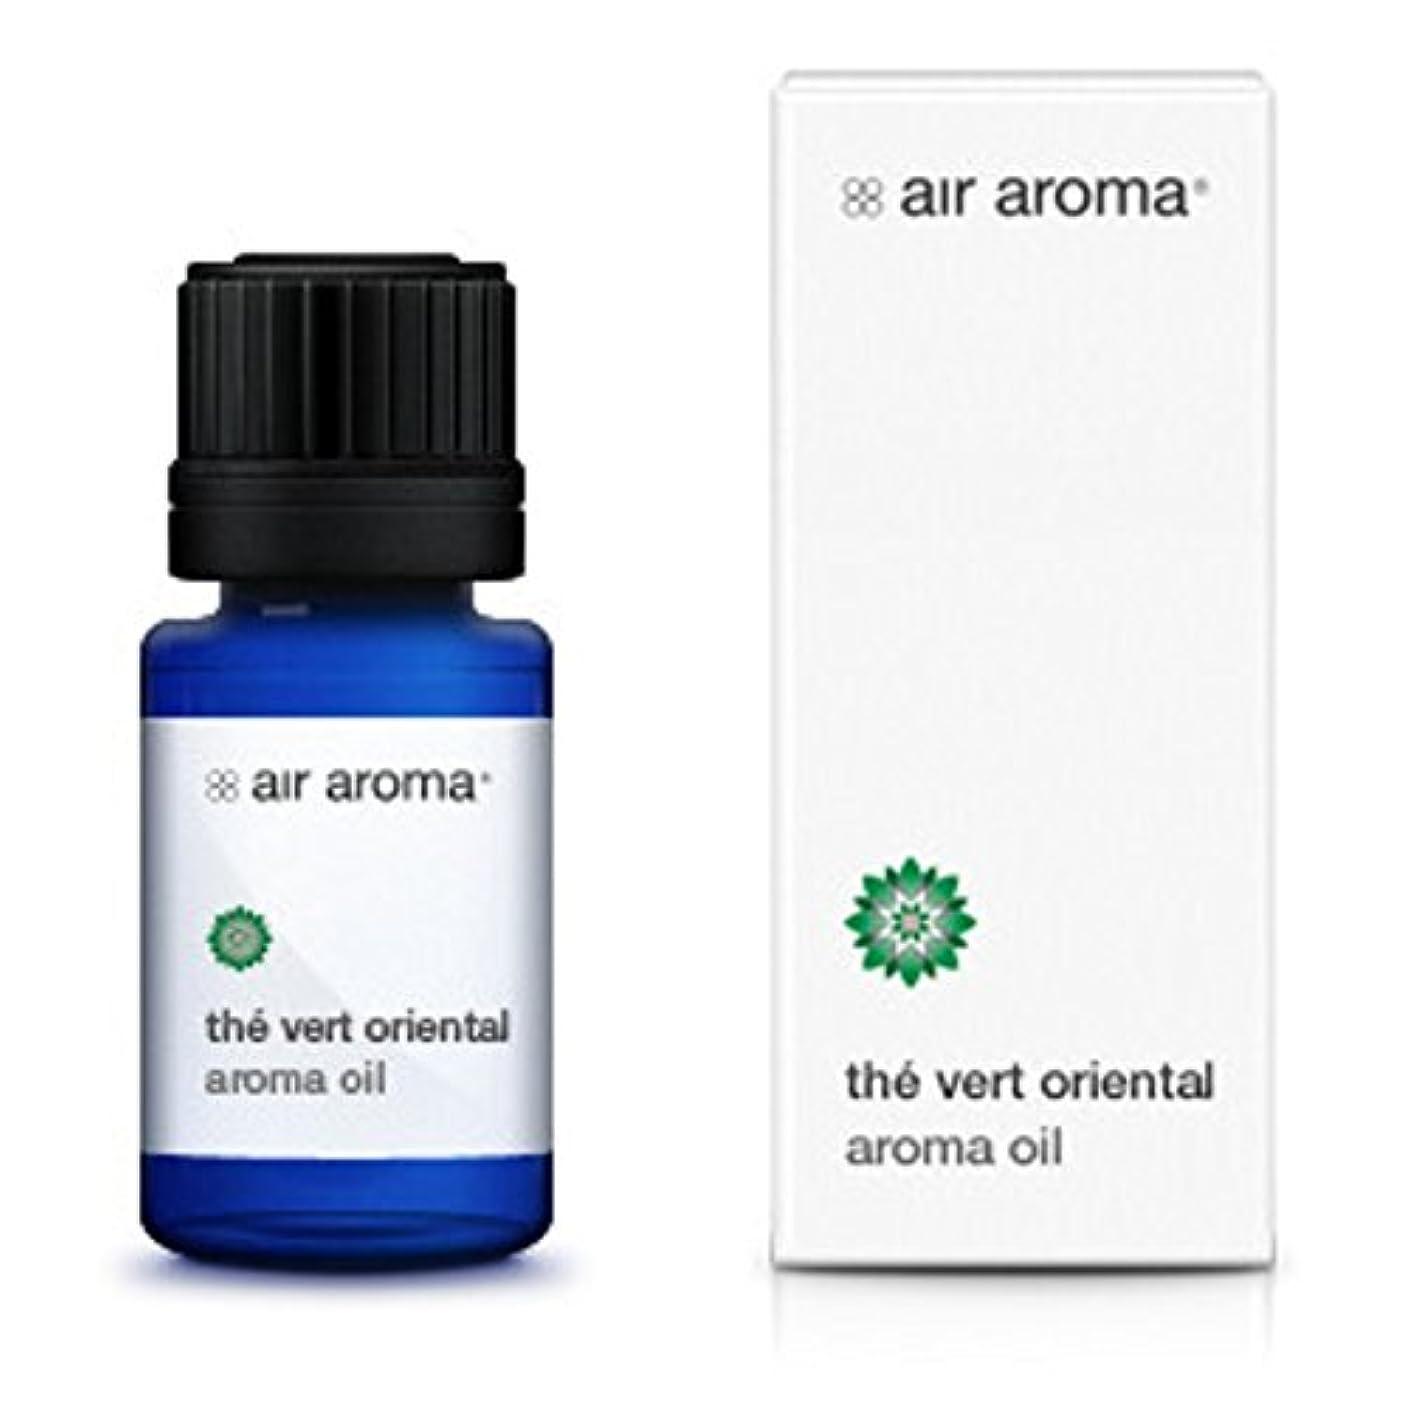 一般化するあいまい旅行代理店エアアロマ the vert oriental (テヴェールオリエンタル) 250ml [並行輸入品]